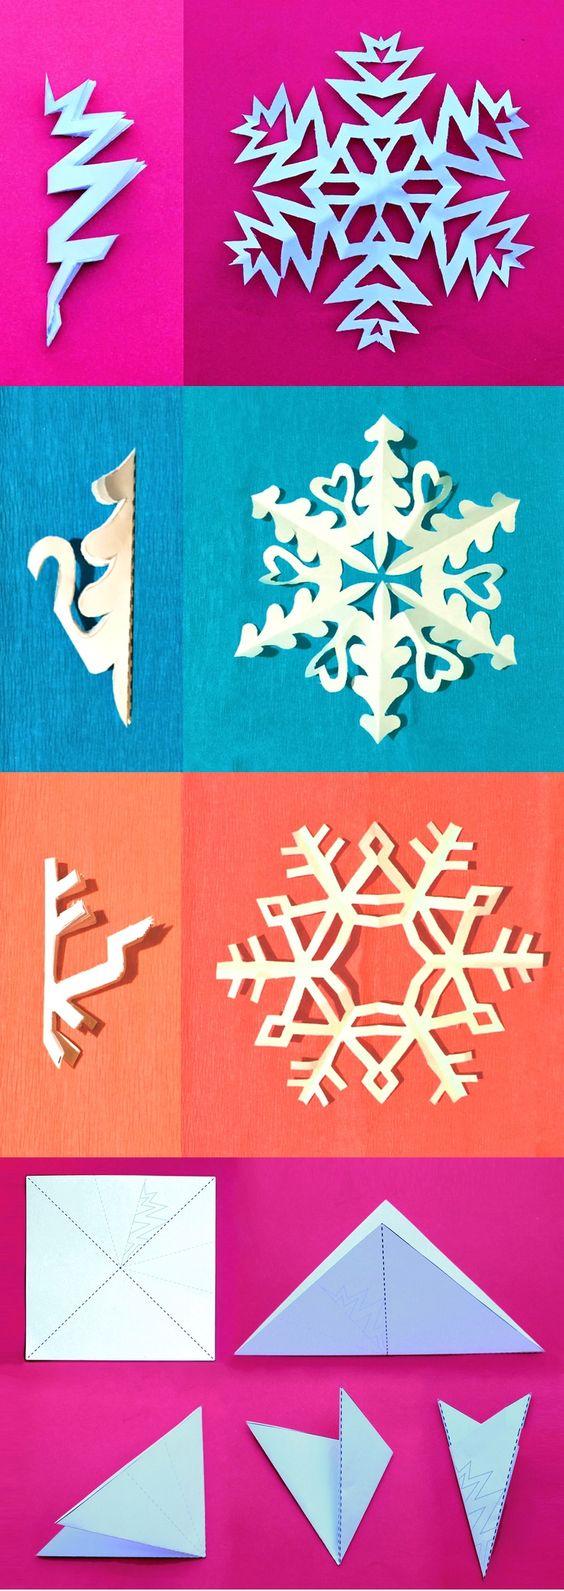 Amo la mia casa blogmas 15 idee di carta per for Idee di casa mia